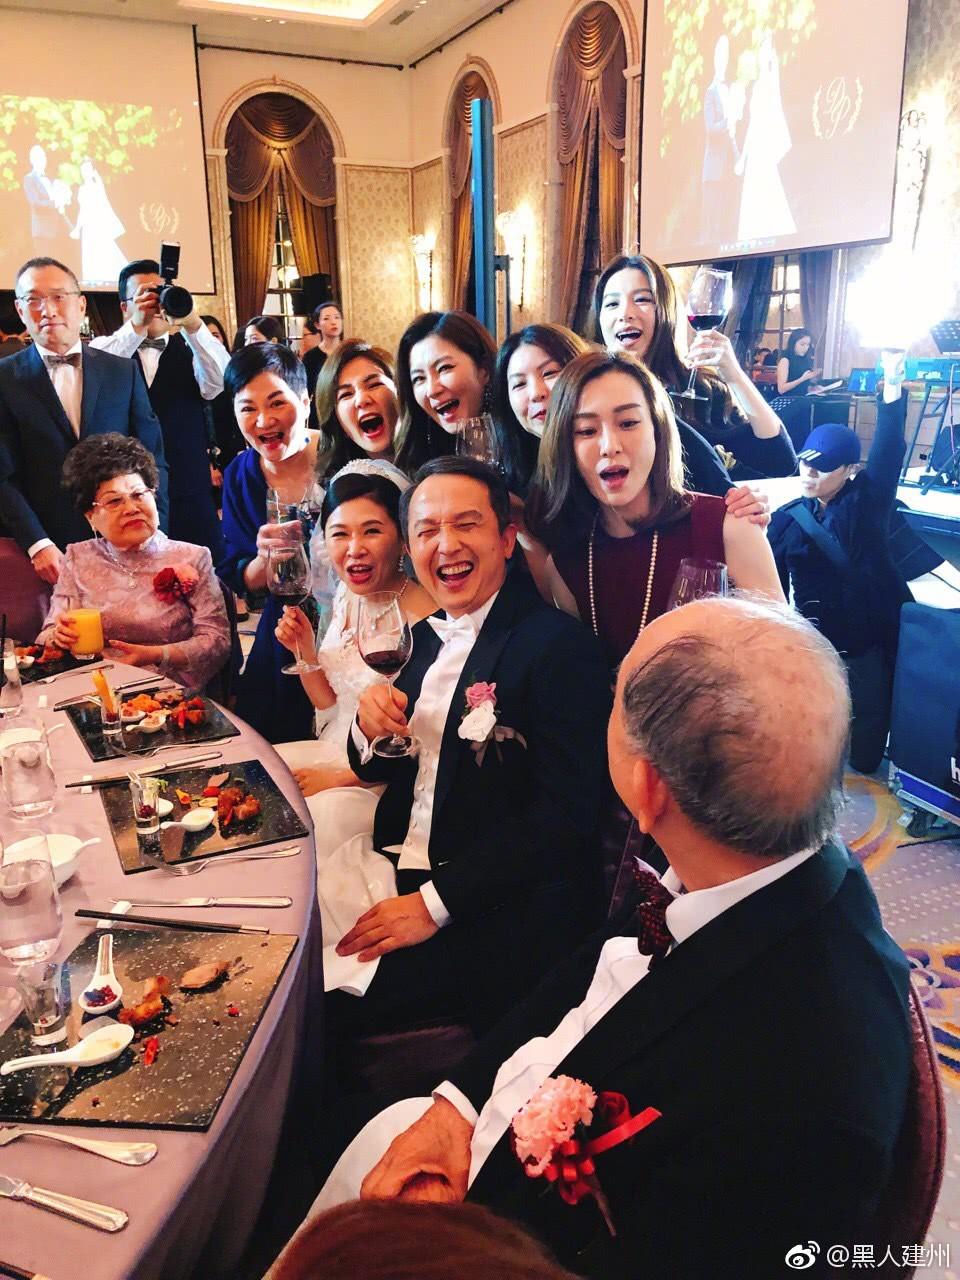 Đám cưới hoành tráng mời nửa showbiz Đài: Cô dâu năm nay đã 54 tuổi - Ảnh 1.